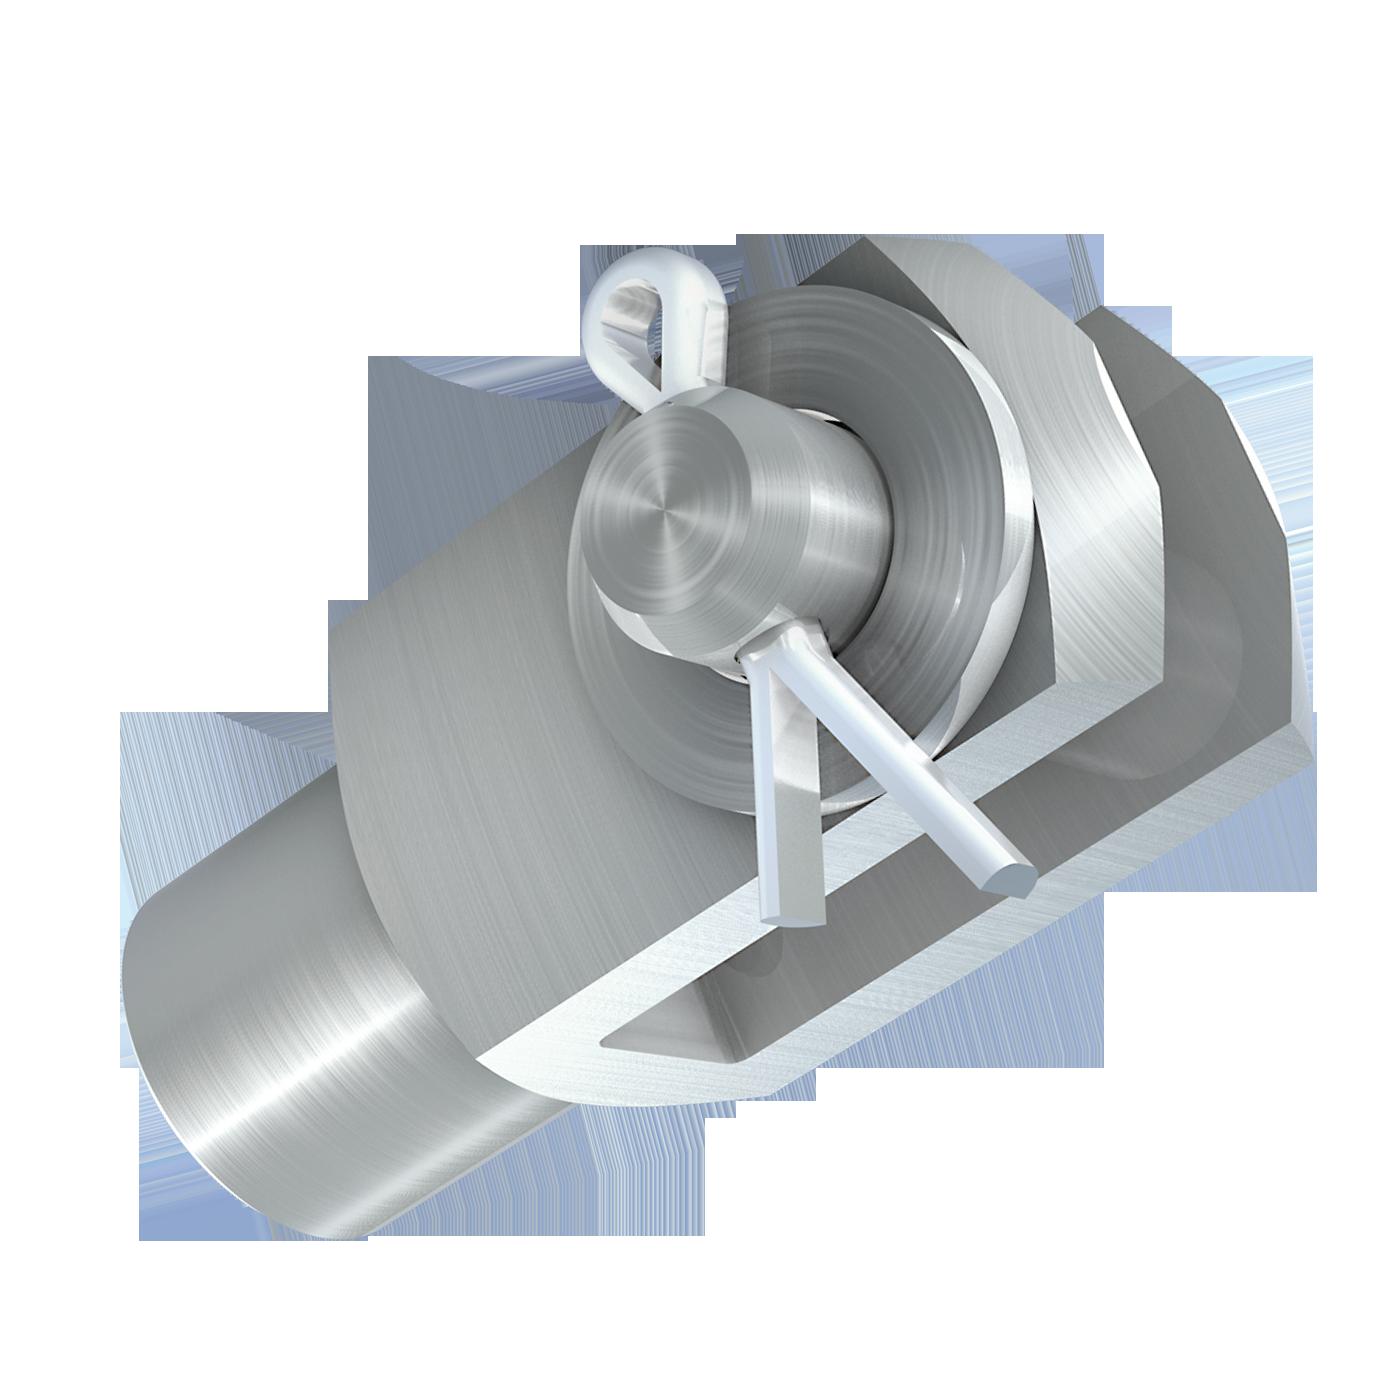 mbo Oßwald ist Hersteller von Gabelgelenk, Gabelgelenken in Ausführung als A-Gelenk, A-Gelenken, DIN 71751, montiert, bestehend aus Gabelkopf, Gabelköpfe, Gabelkoepfe, nach DIN 71752, DIN ISO 8140, CETOP RP102P und Bolzen mit Splintloch, Scheiben DIN 125 und Splinte DIN 94. Wir fertigen diese aus Stahl 1.0718 und Edelstahl 1.4305 und A4-Qualität 1.4404.